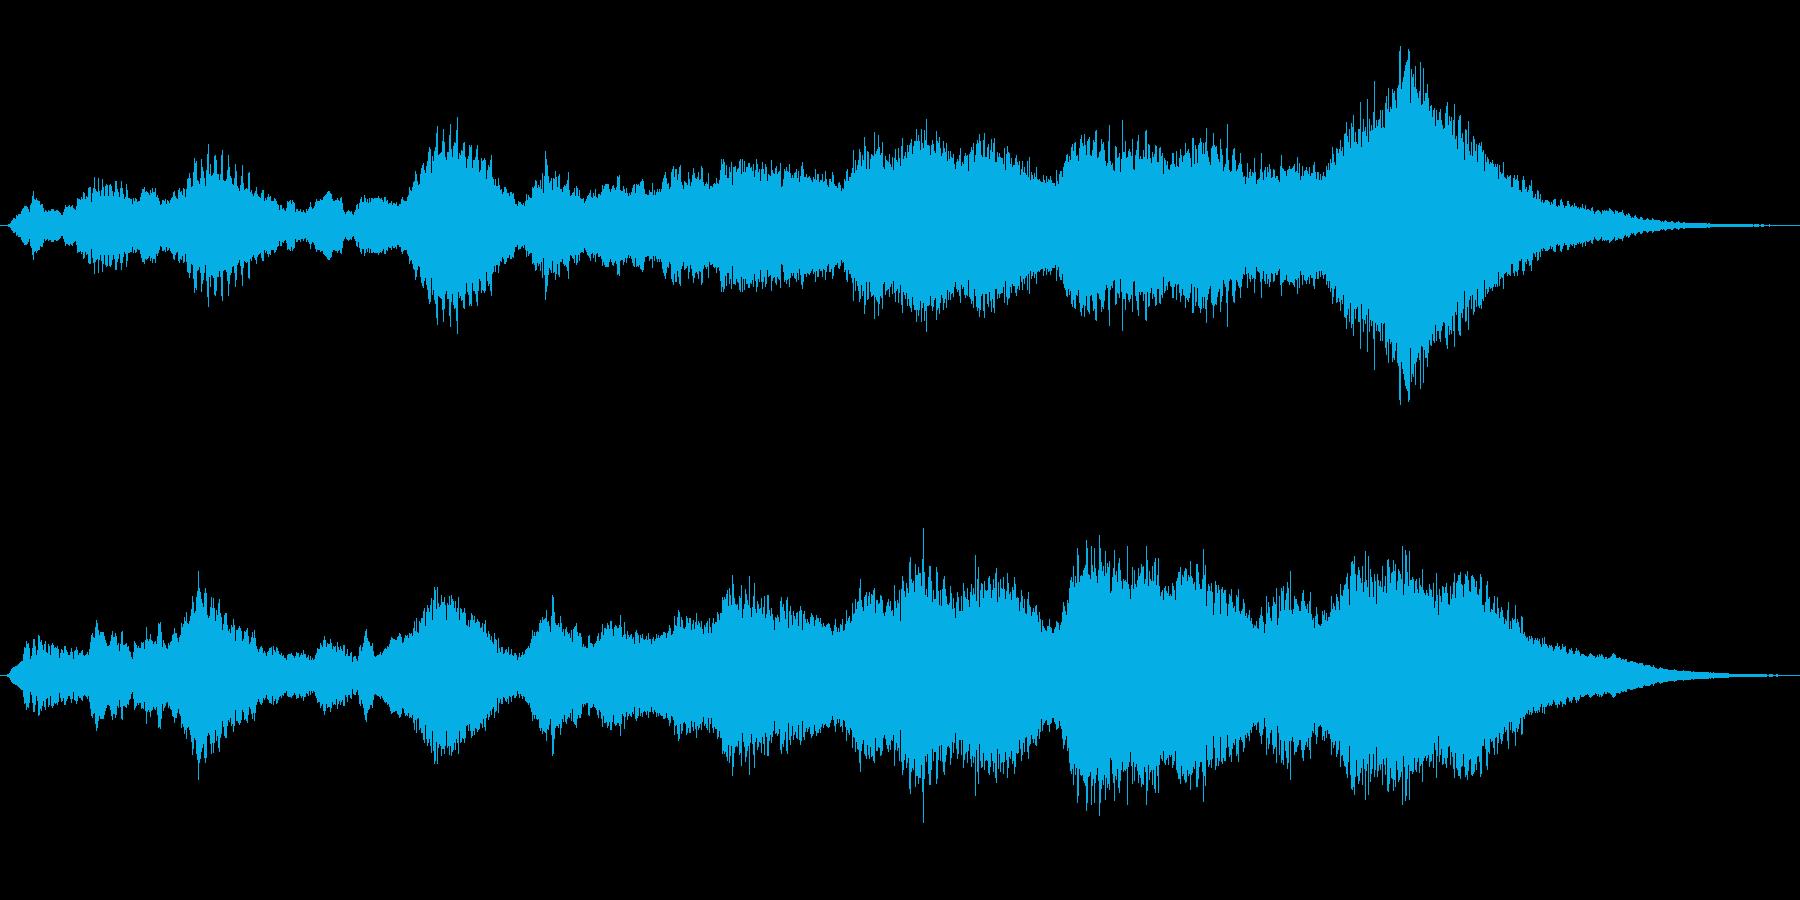 ホラー、サスペンス向けの電子アンビエントの再生済みの波形